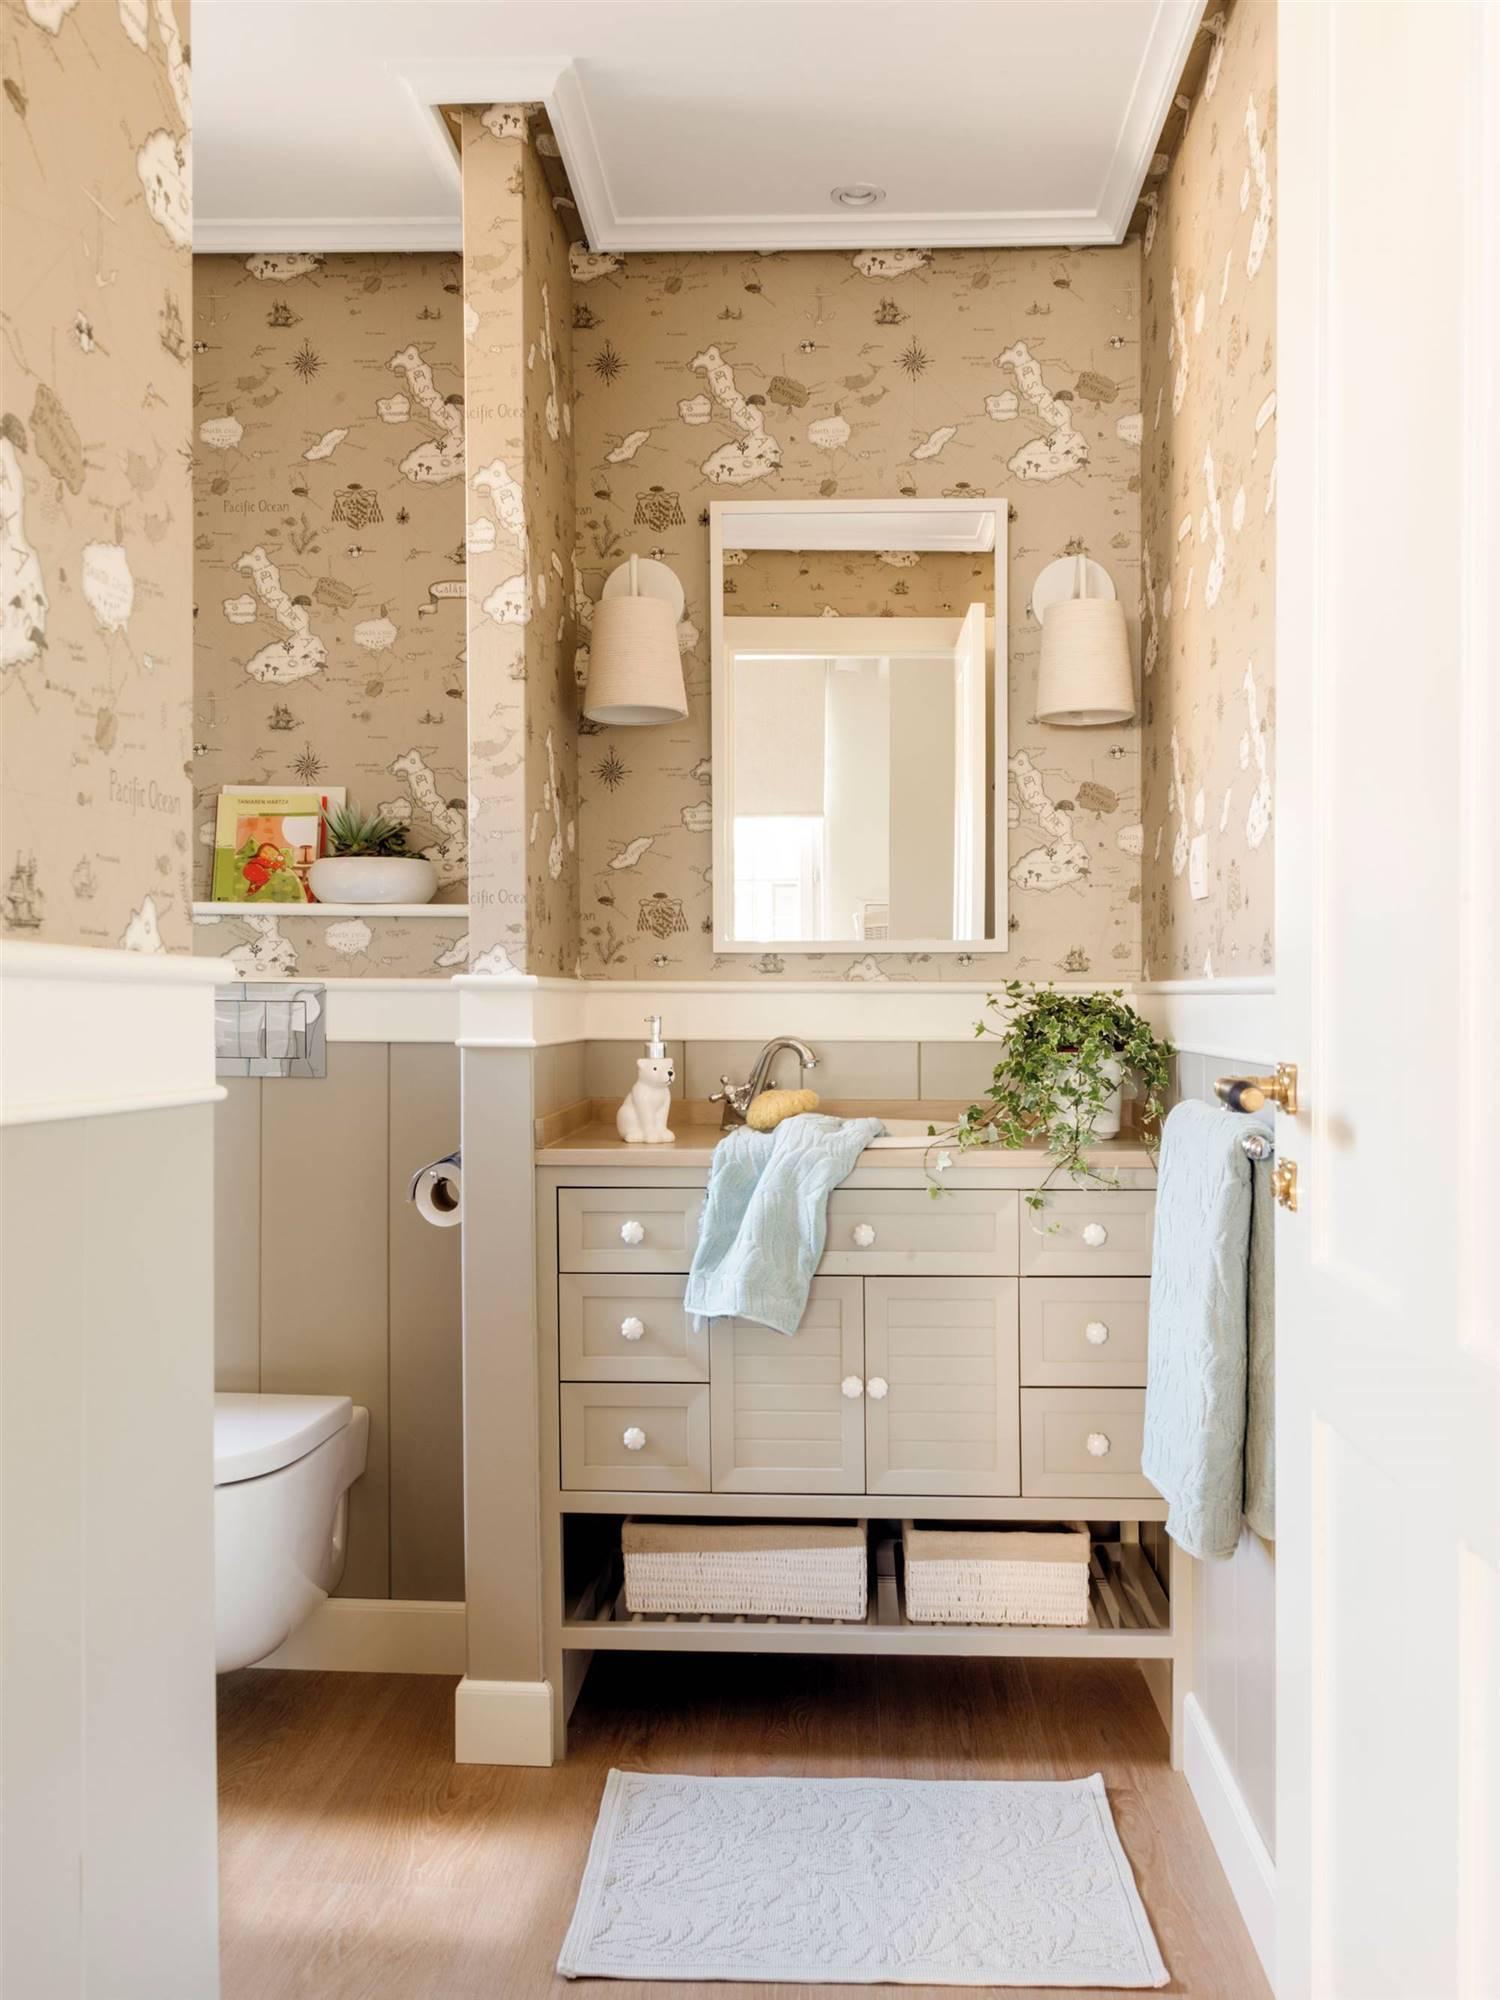 Baño con papel pintado 00489116. Un baño infantil con papel pintado 1c40485a8d29